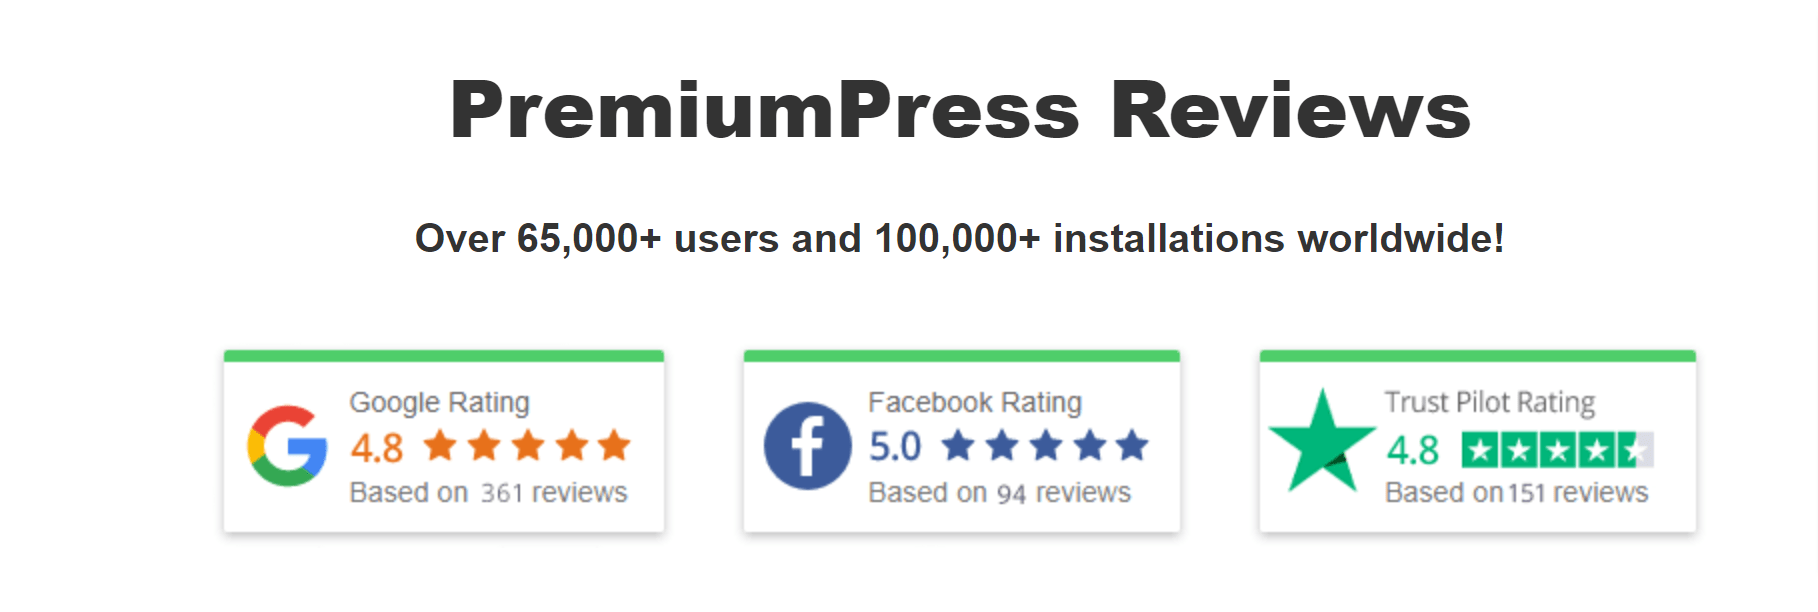 PremiumPress Reviews